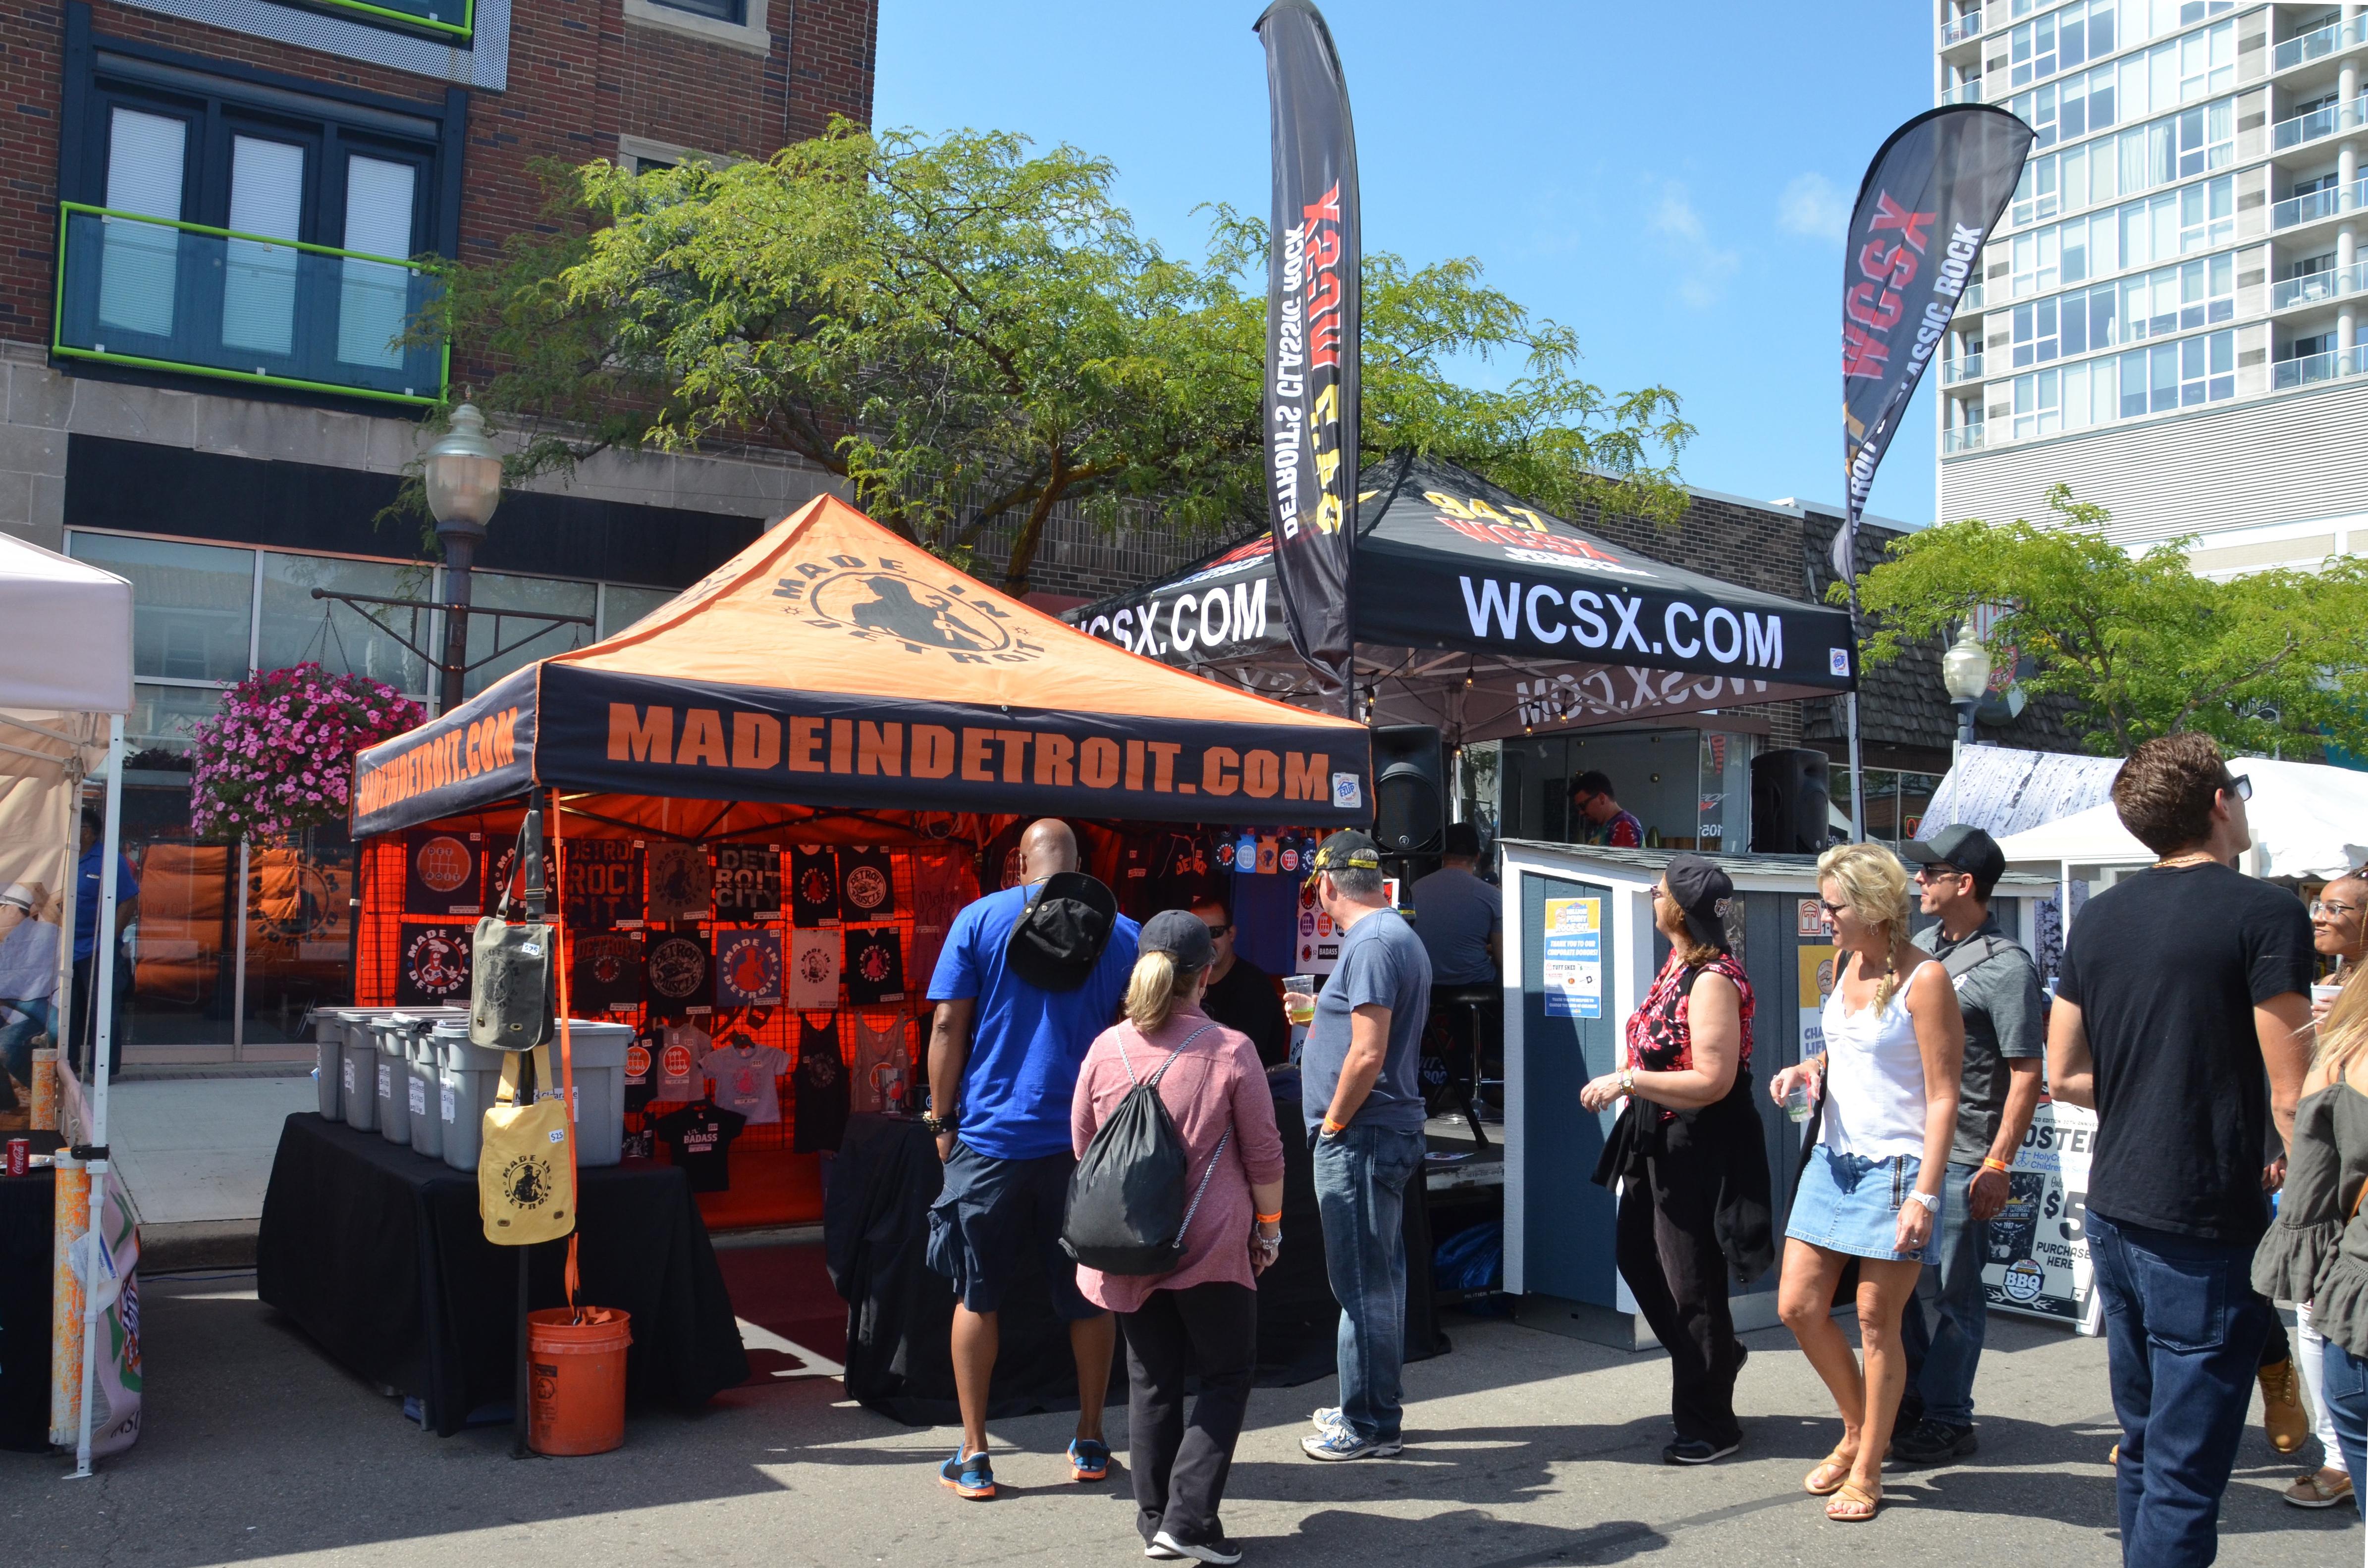 Festival goers outside food tents at Arts, Beats & Eats